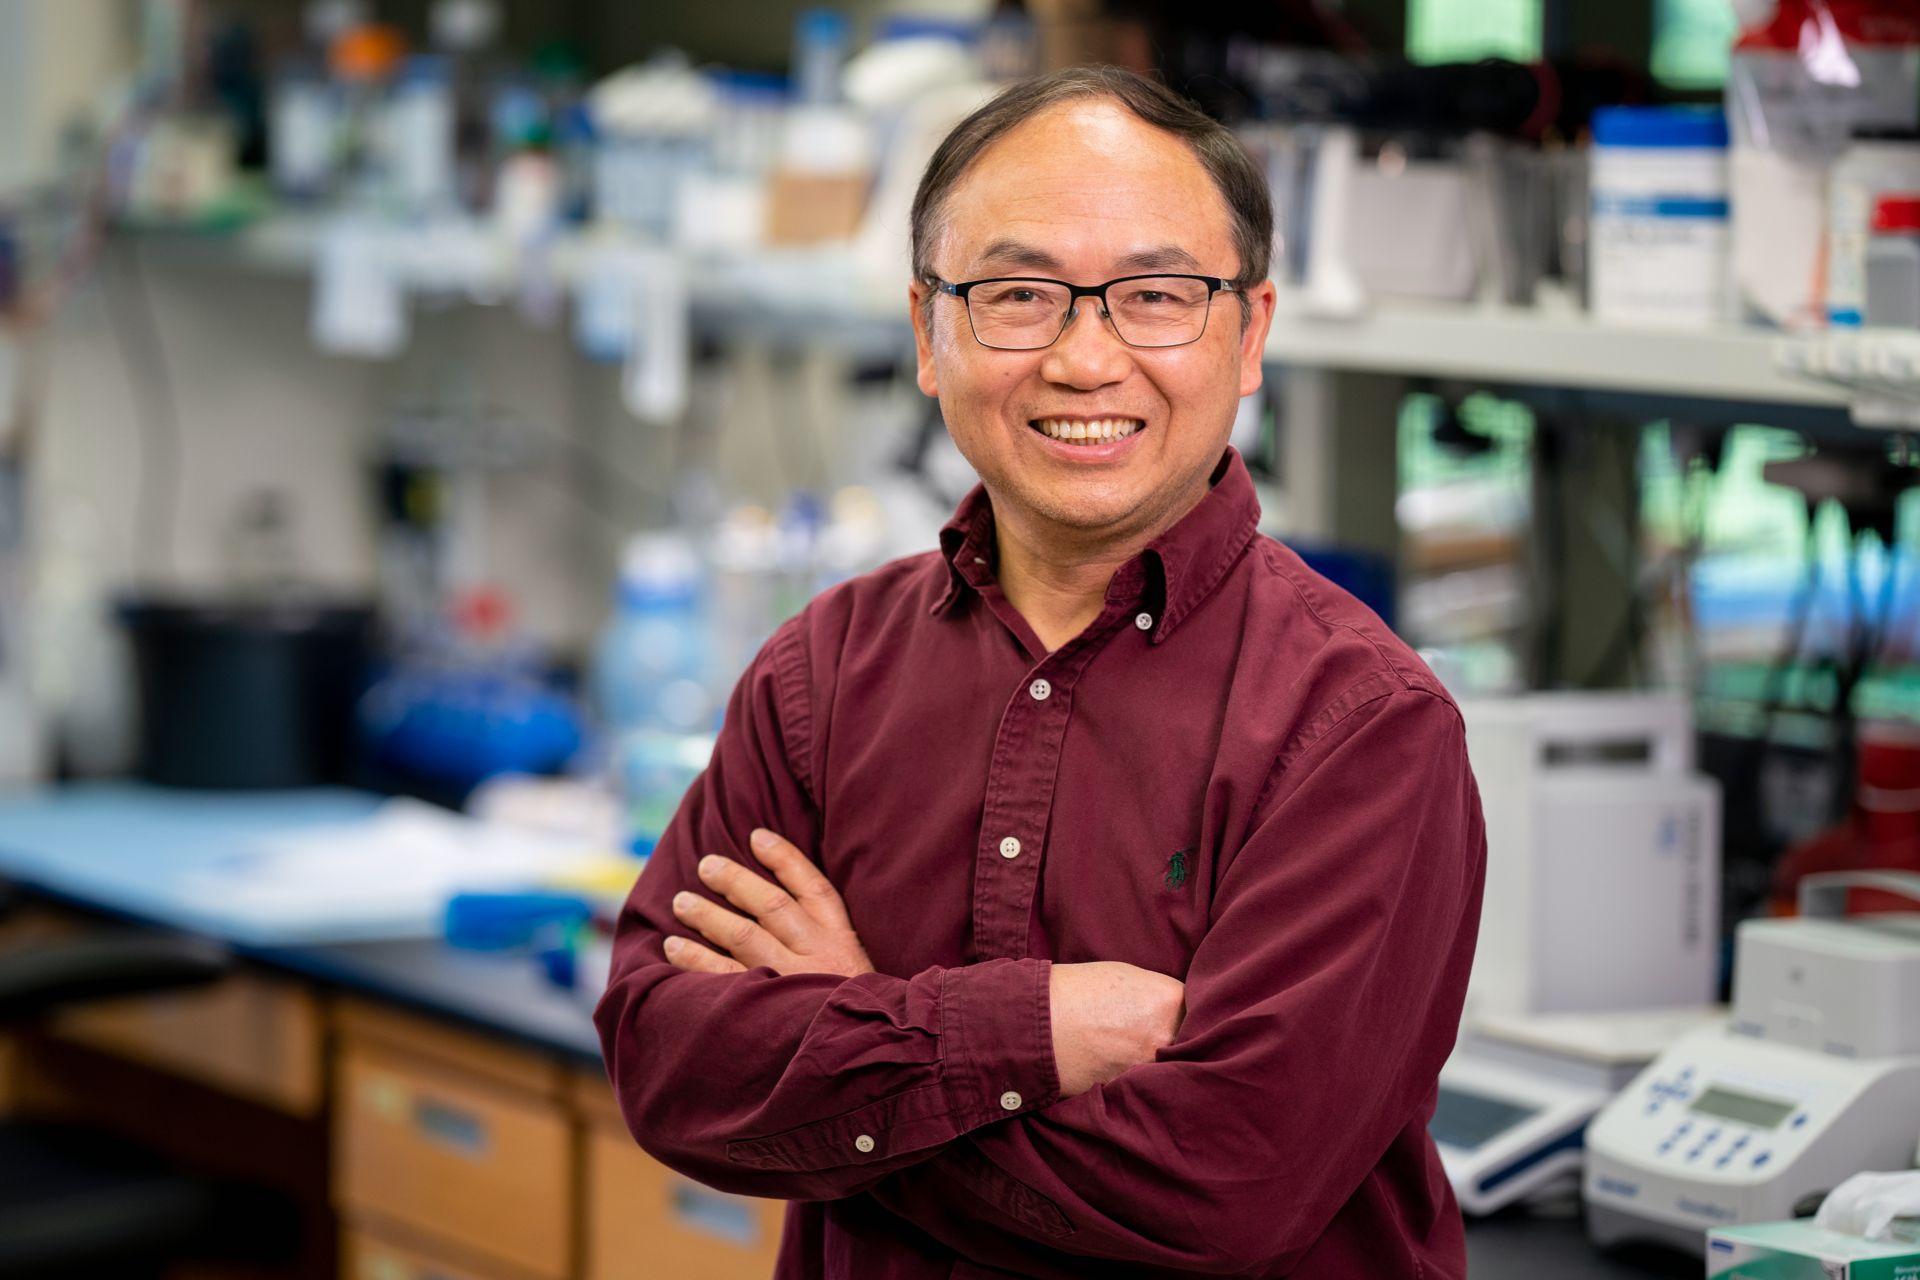 Zhongling Cai, PhD